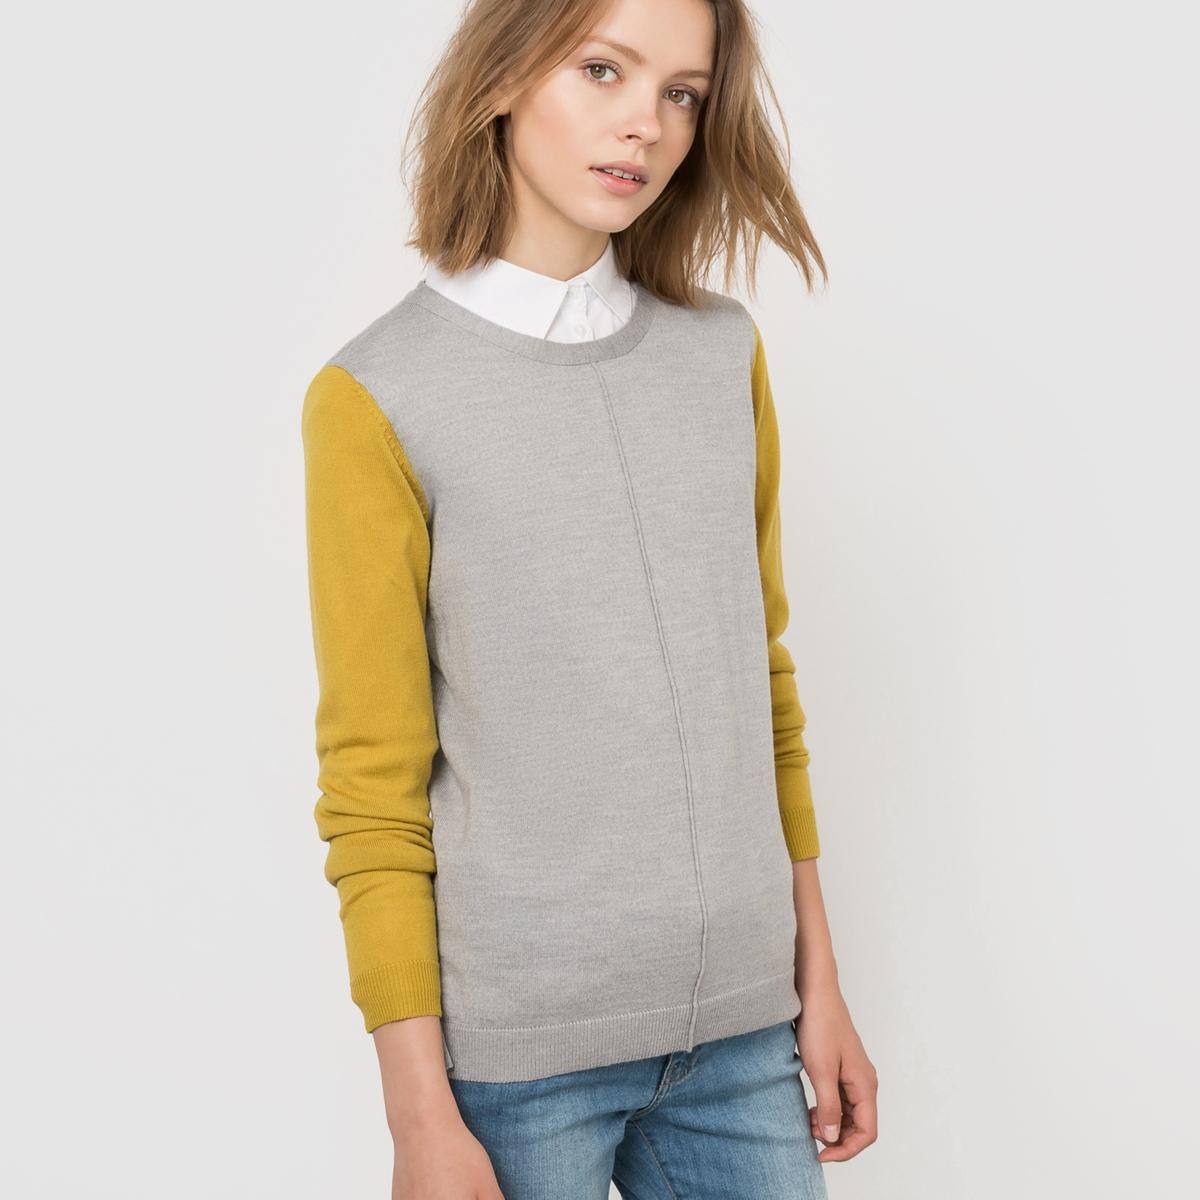 Пуловер двухцветный из 100% шерсти мериноса